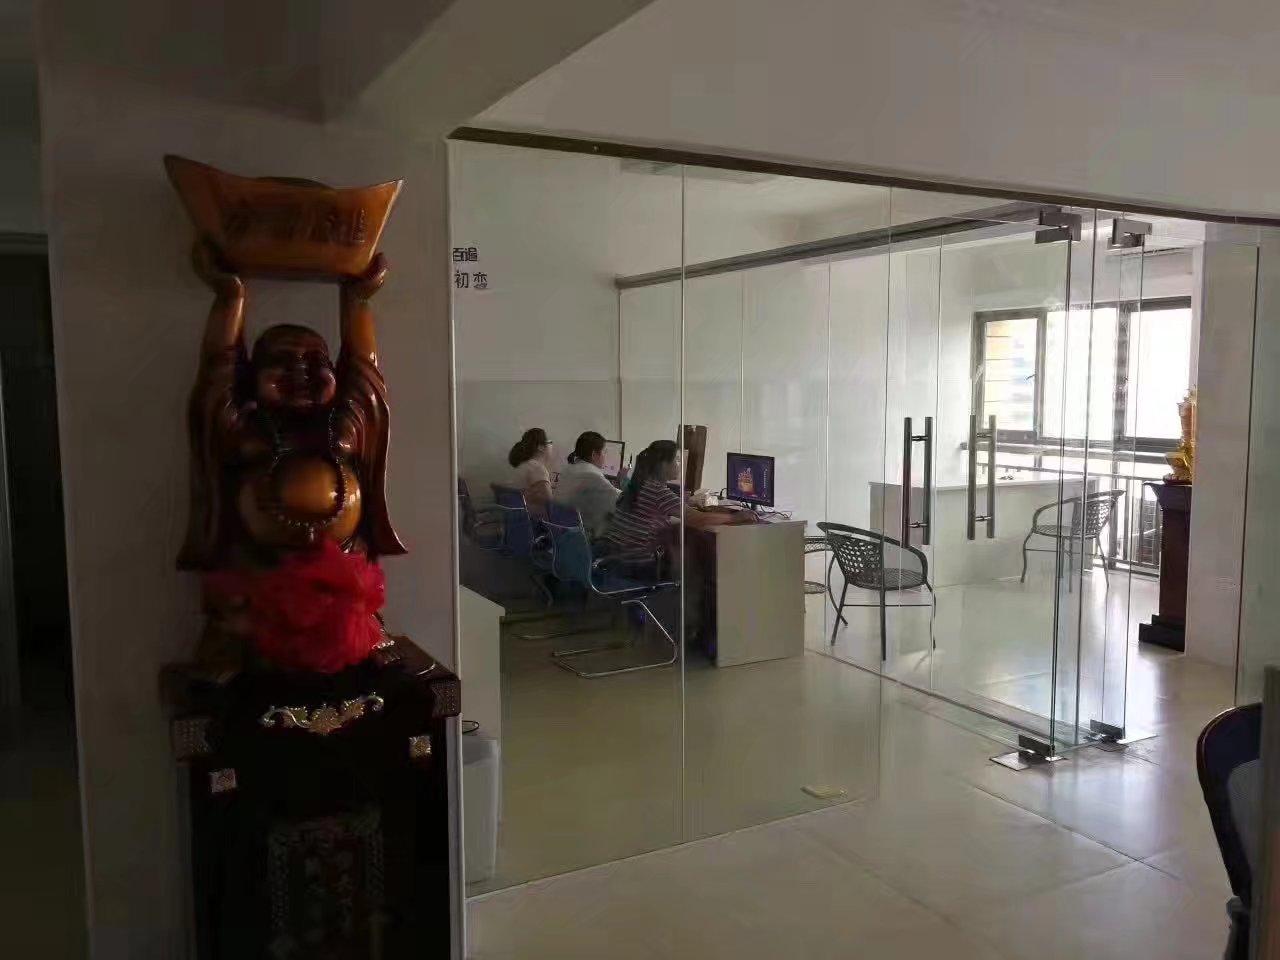 龙岗网站优化公司合作近4年的吉安富海360老代理商老兄弟乔迁大喜